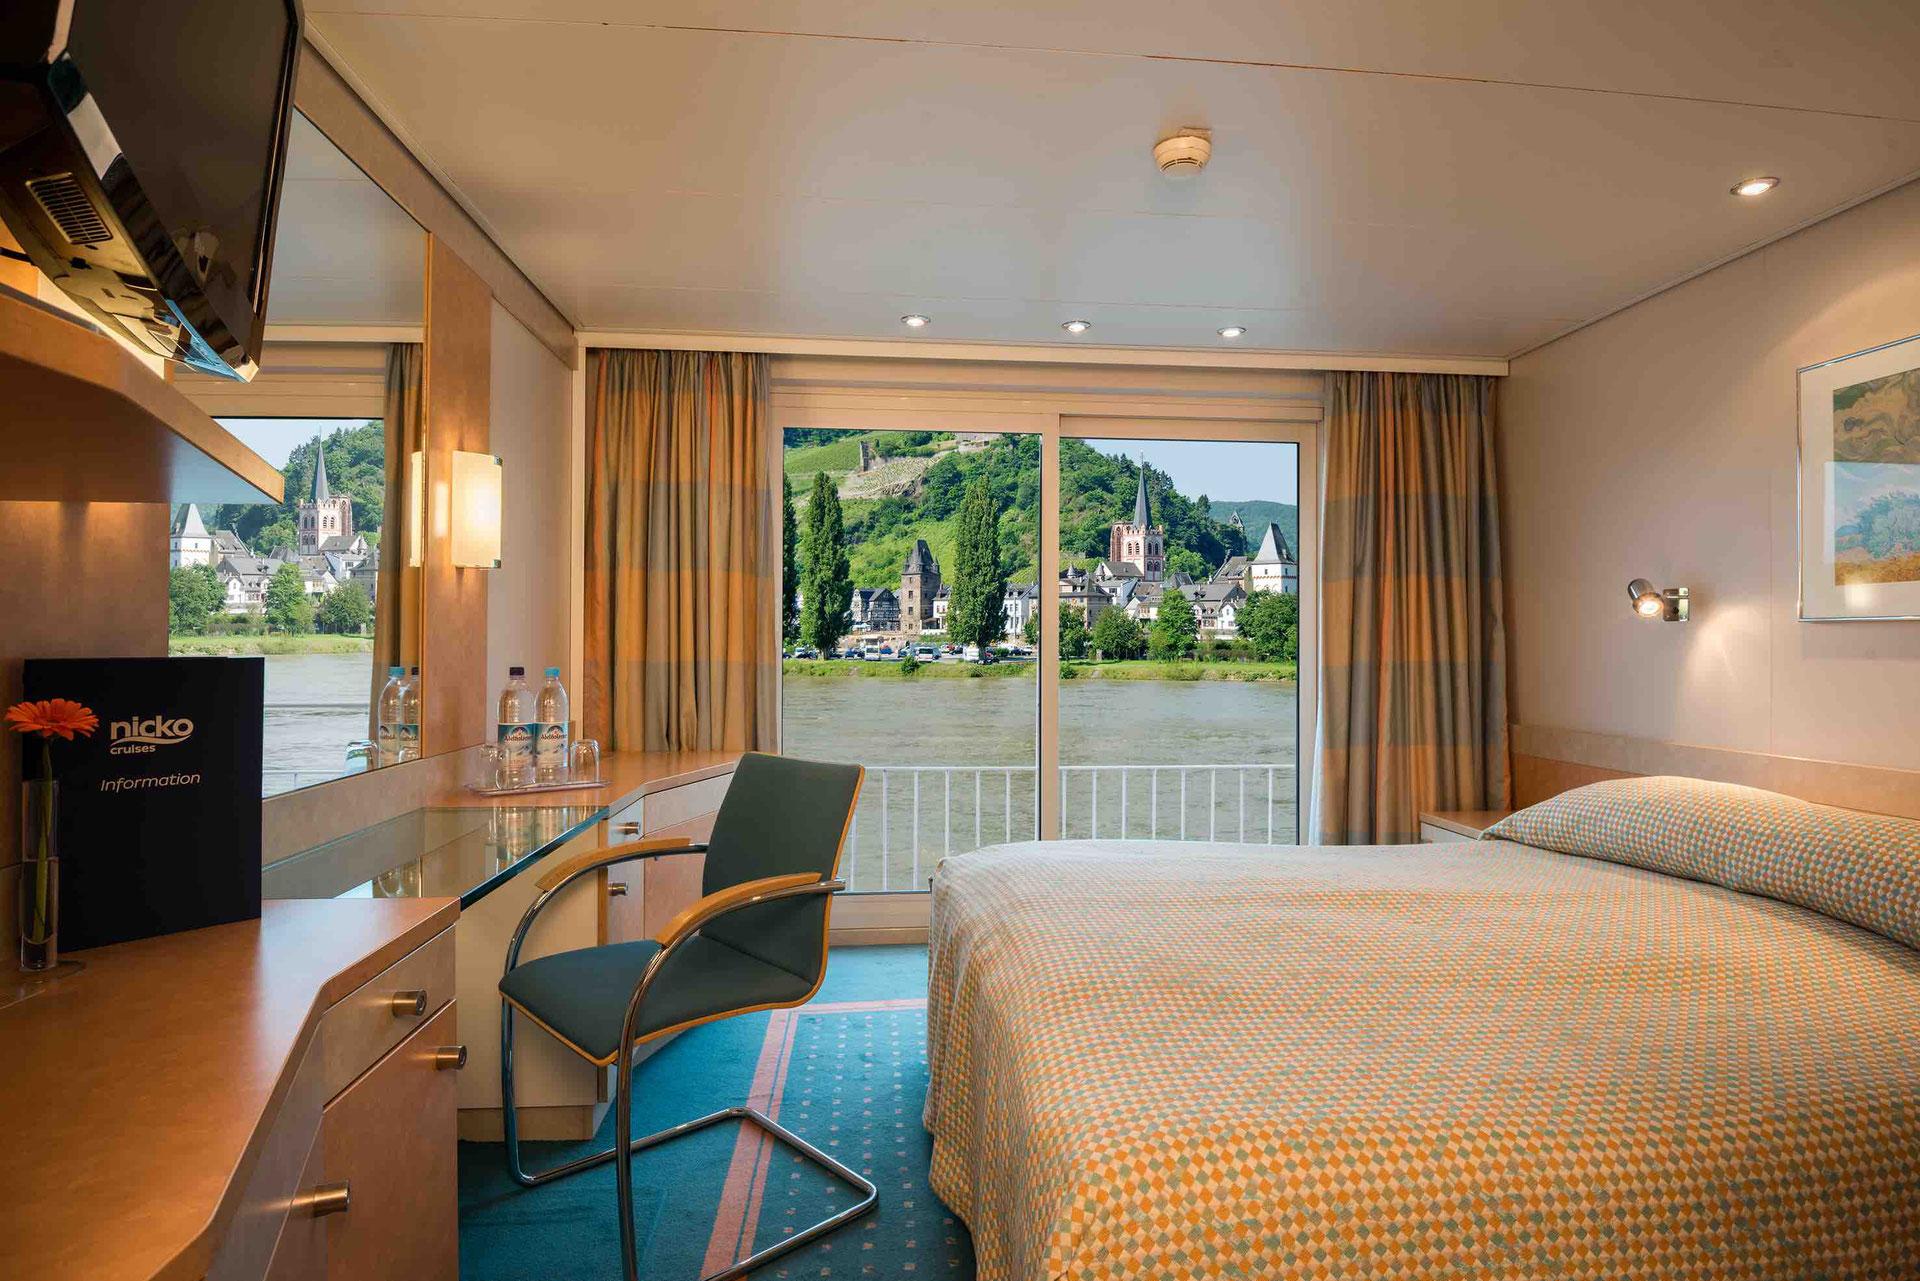 MS Victoria Außenkabine mit französischem Balkon